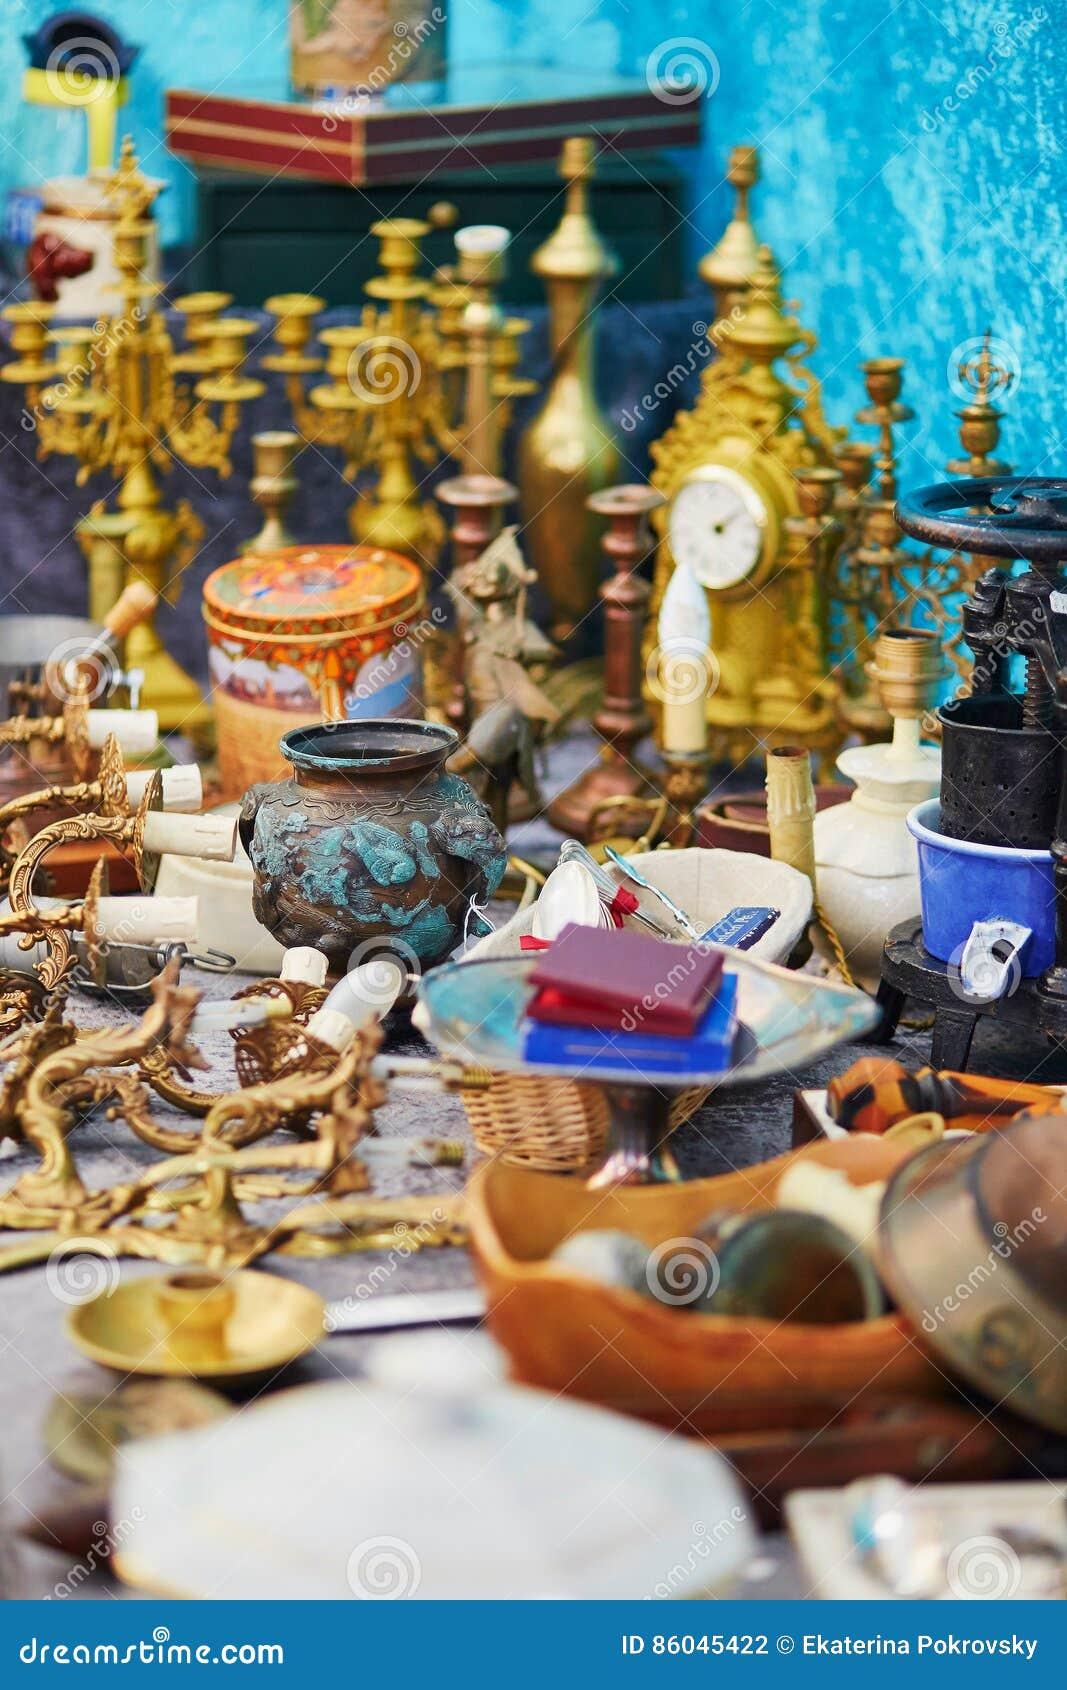 Kleivaas op vlooienmarkt in Parijs